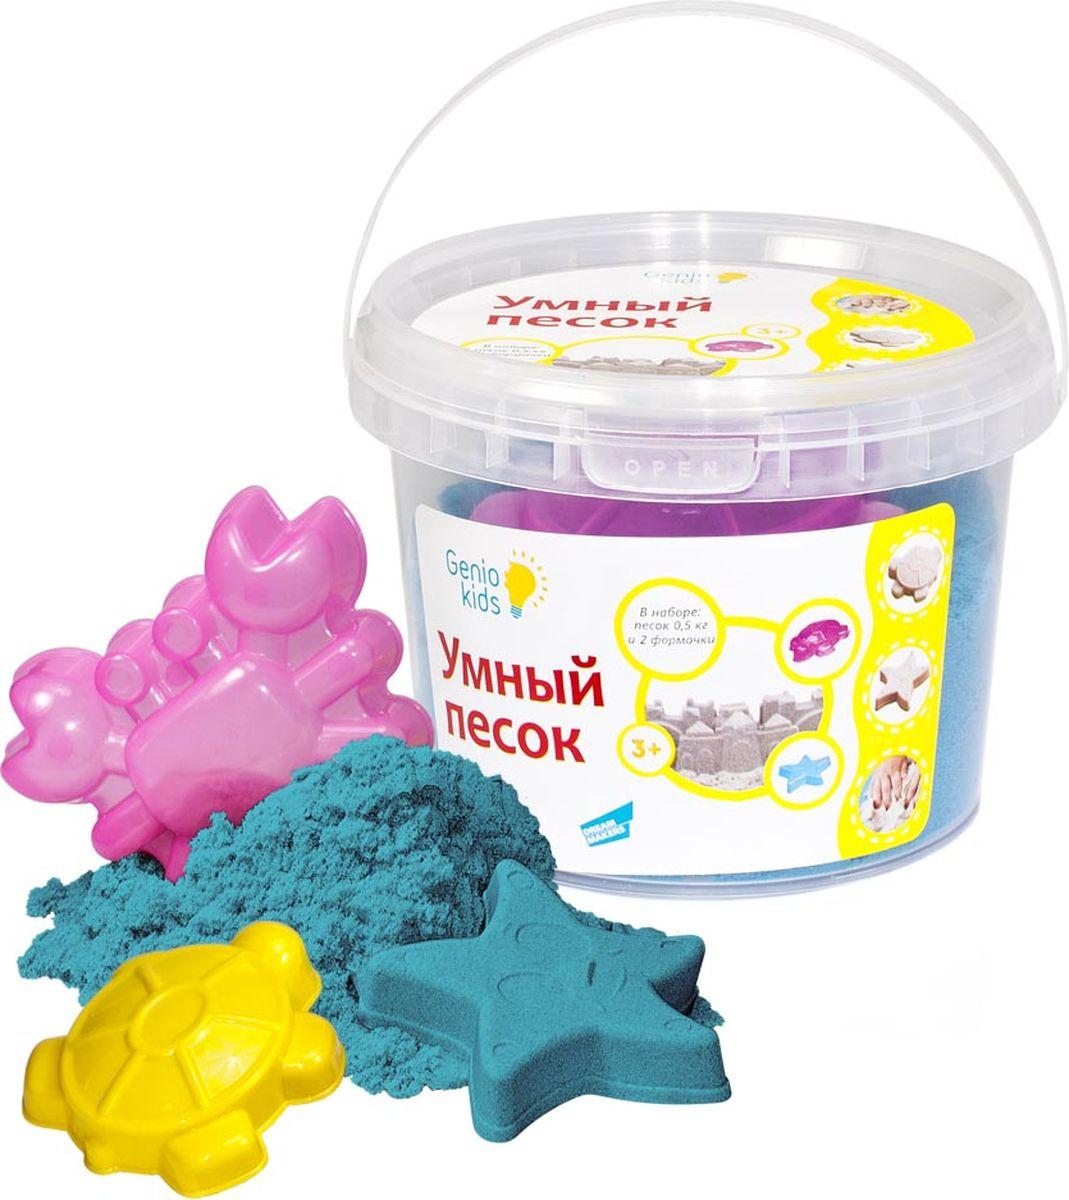 Genio KidsКинетический песок Умный песок цвет голубой 500 г Genio Kids